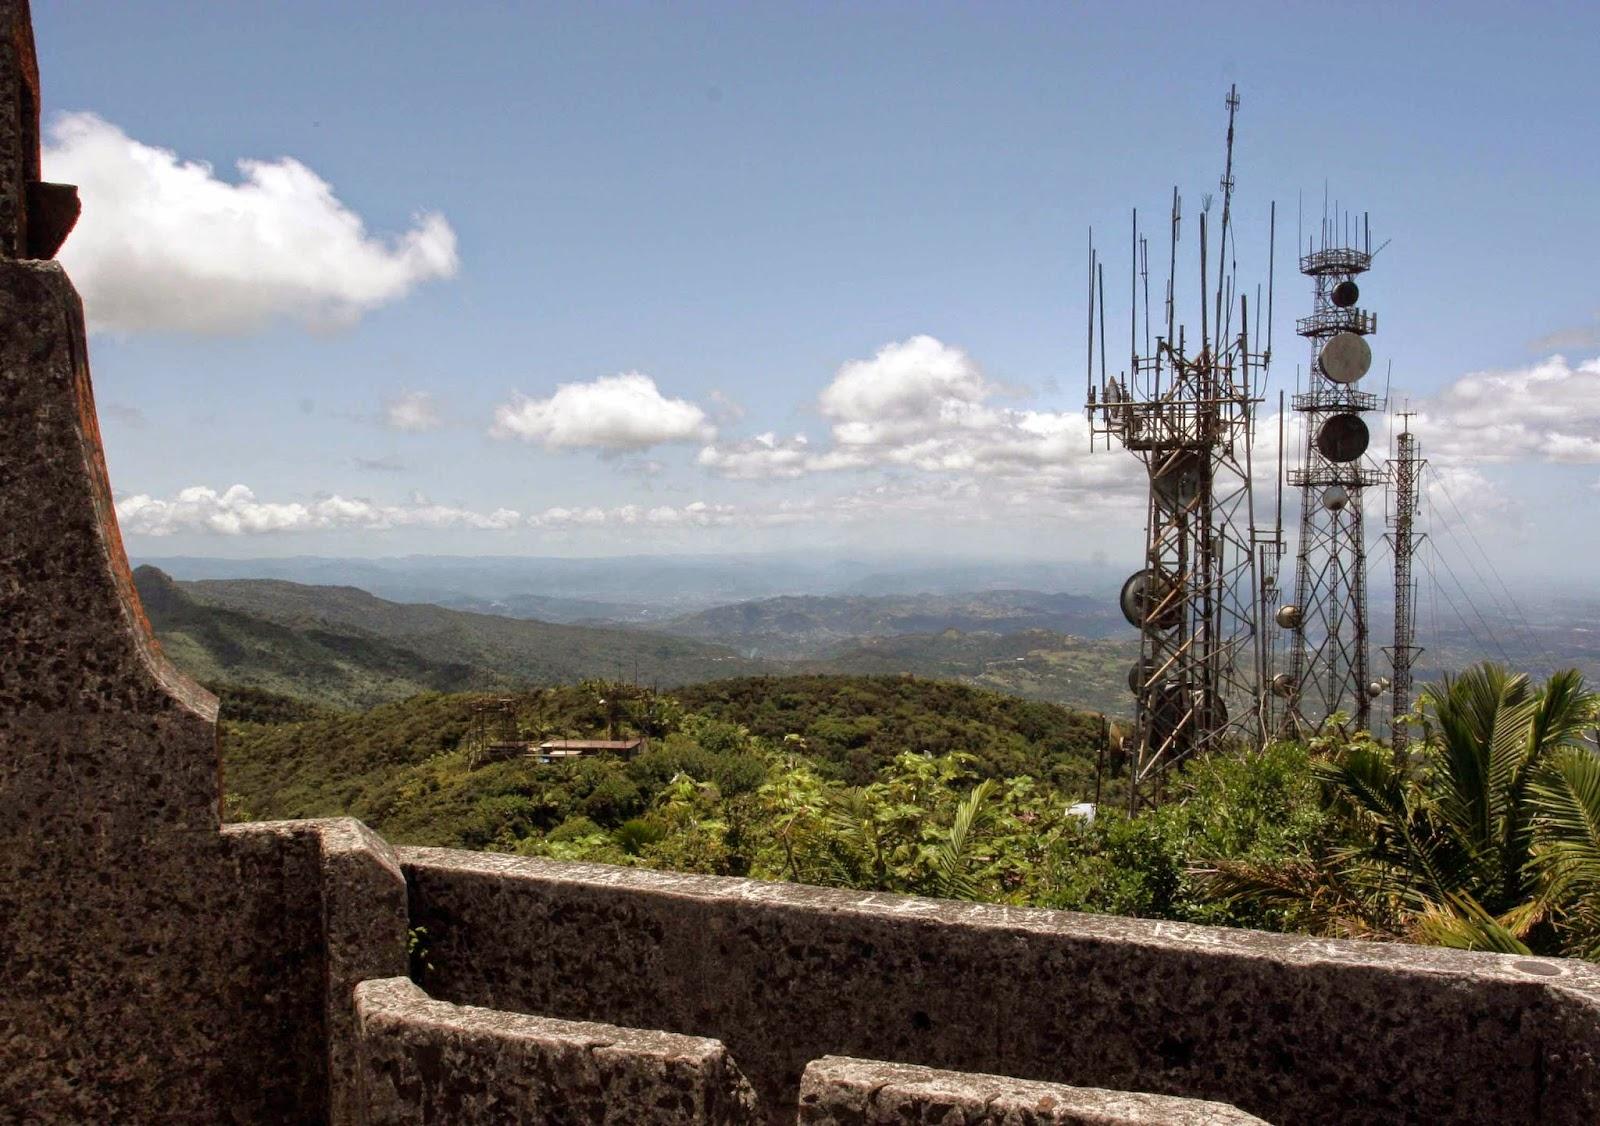 Risultati immagini per cell towers on El Yunque Peak